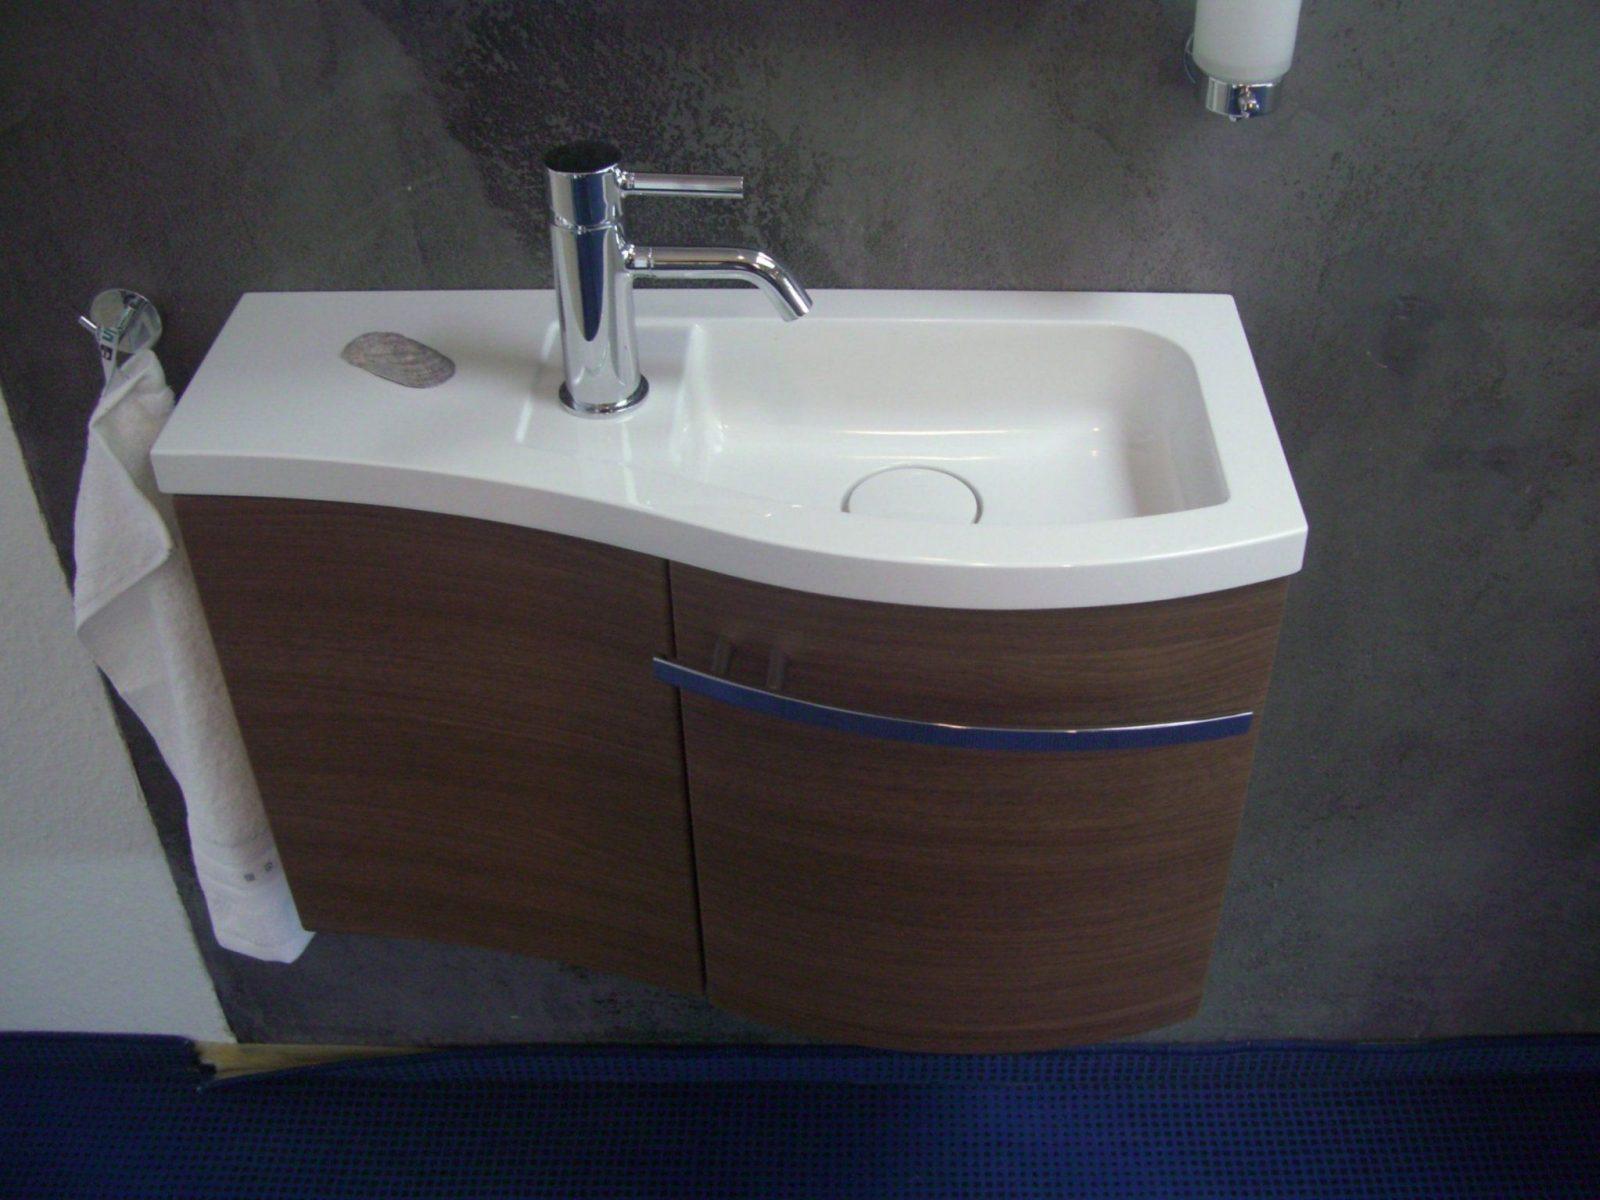 Luxuriös Waschtisch Mit Unterschrank Cm Breit Weiscken Zum von Waschtisch Mit Unterschrank 70 Cm Breit Photo